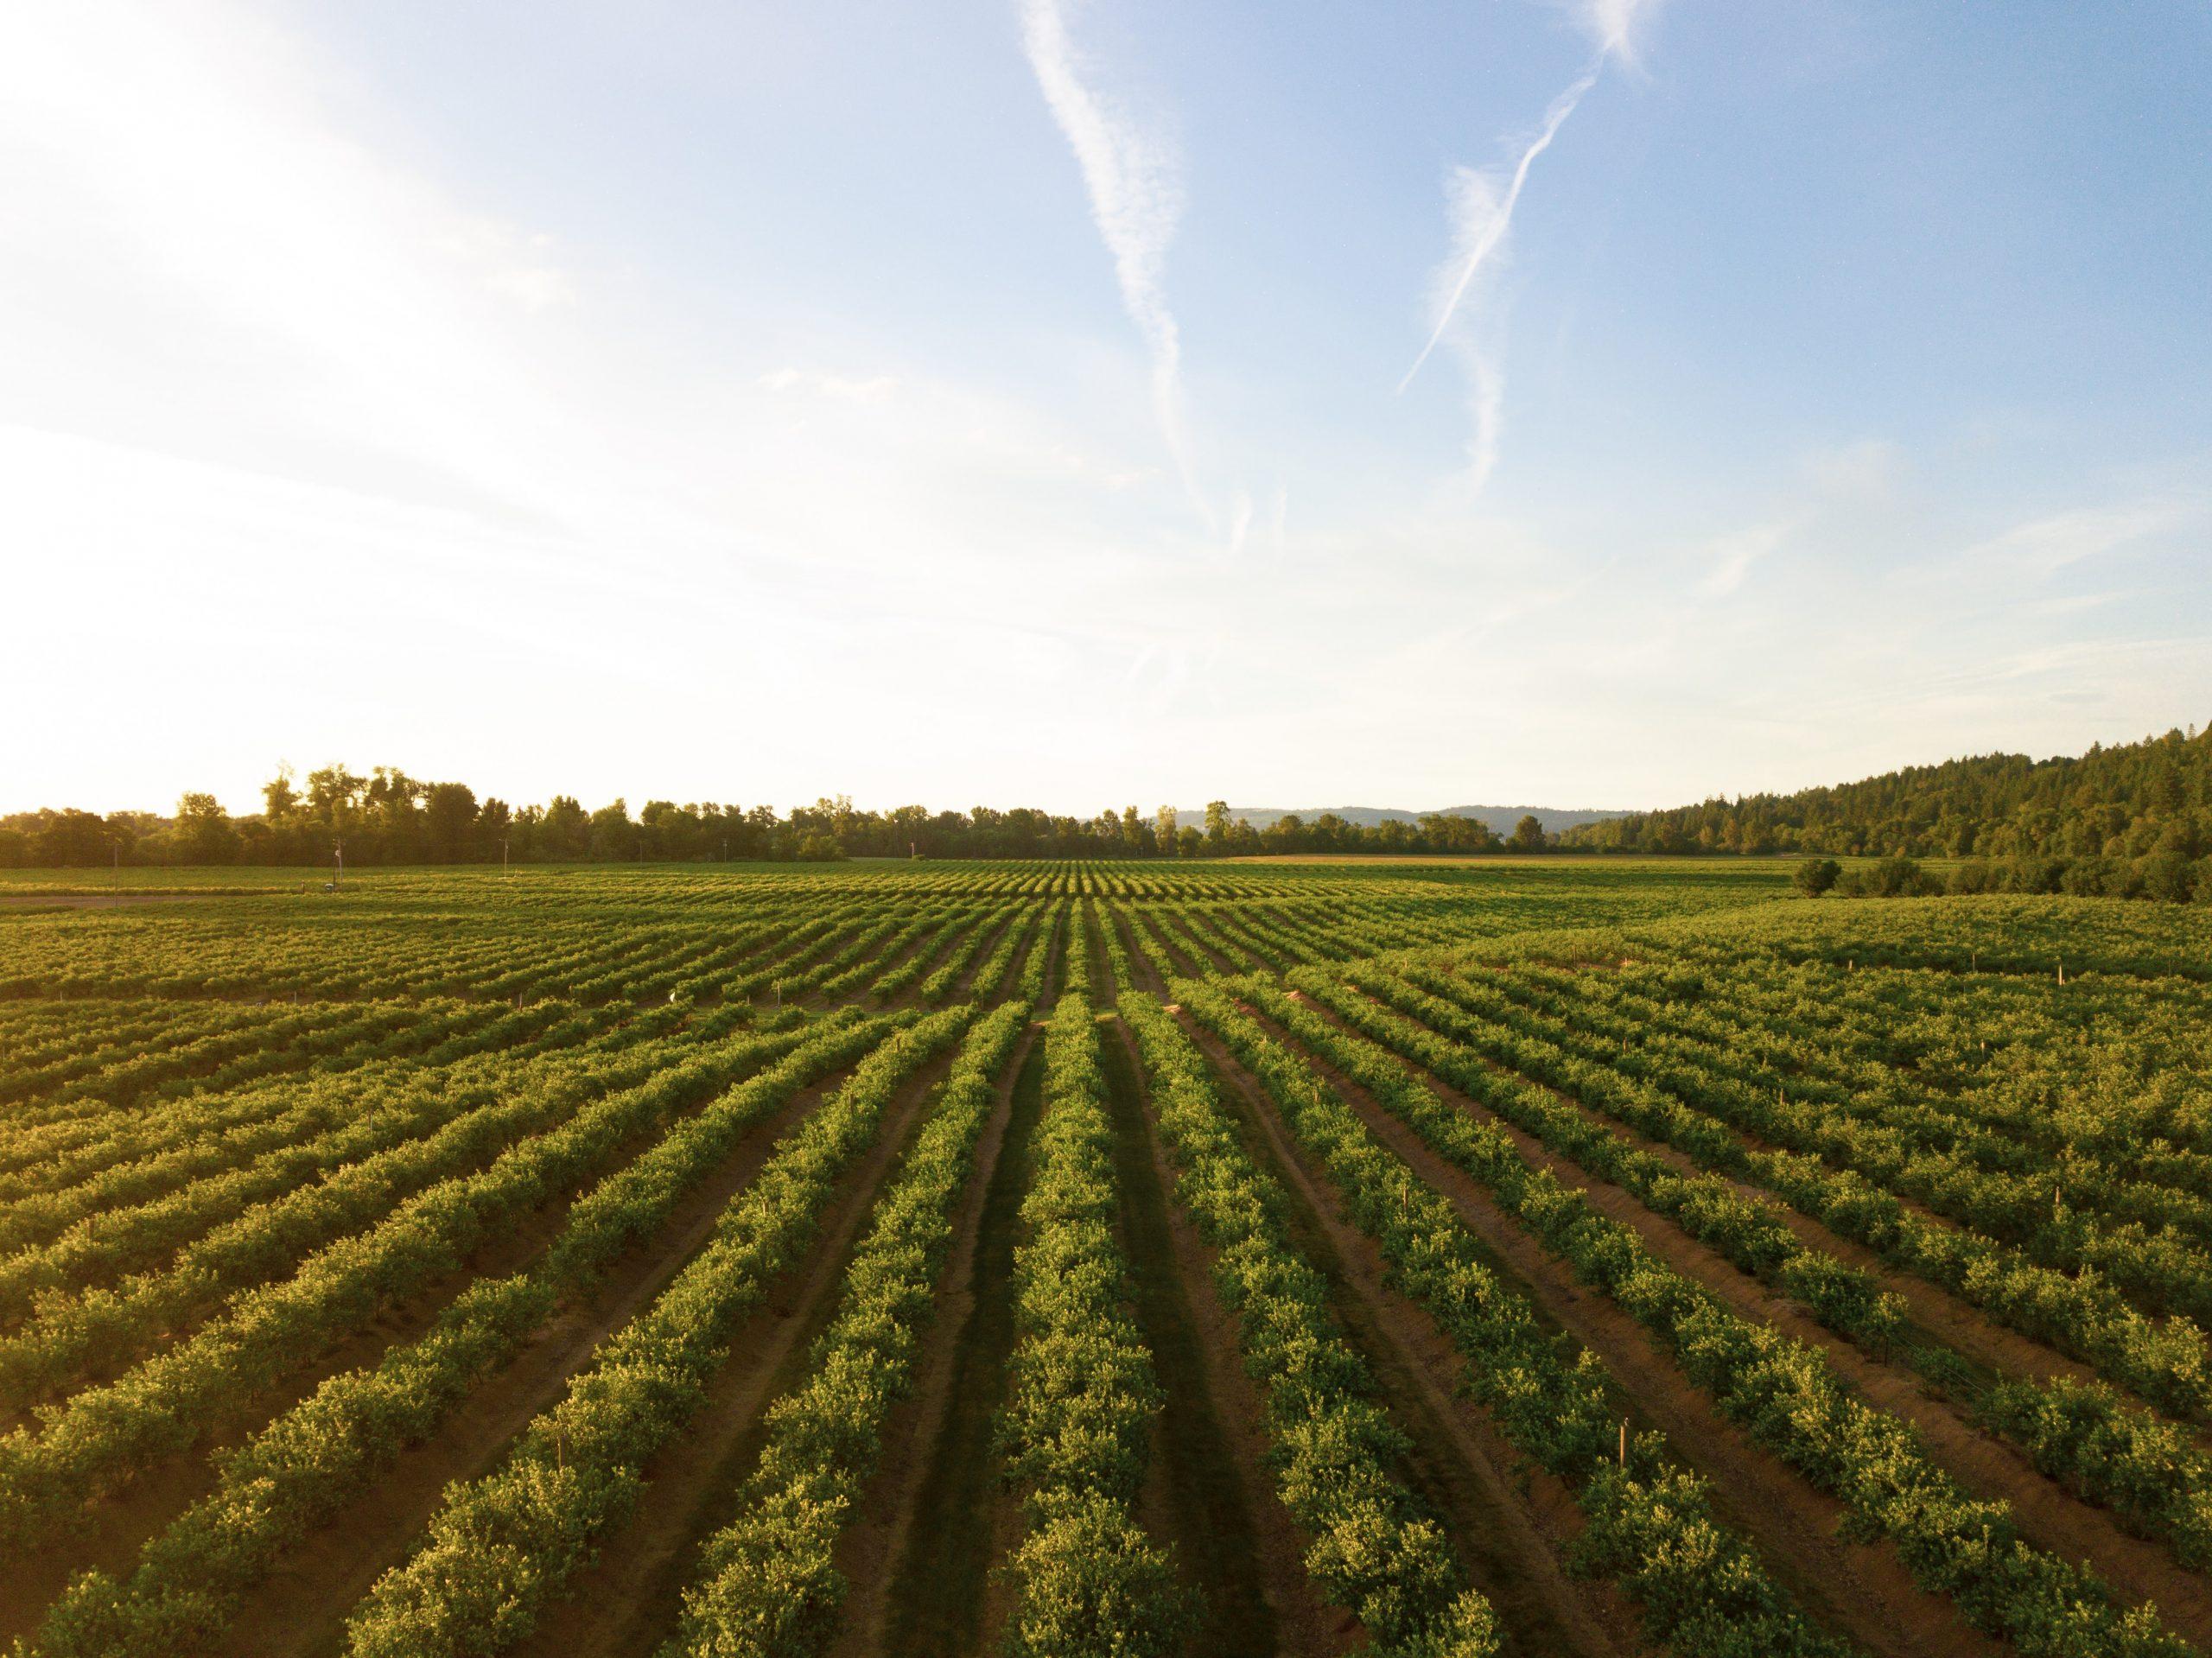 Protégeons le patrimoine immatériel rural et les activités agricoles